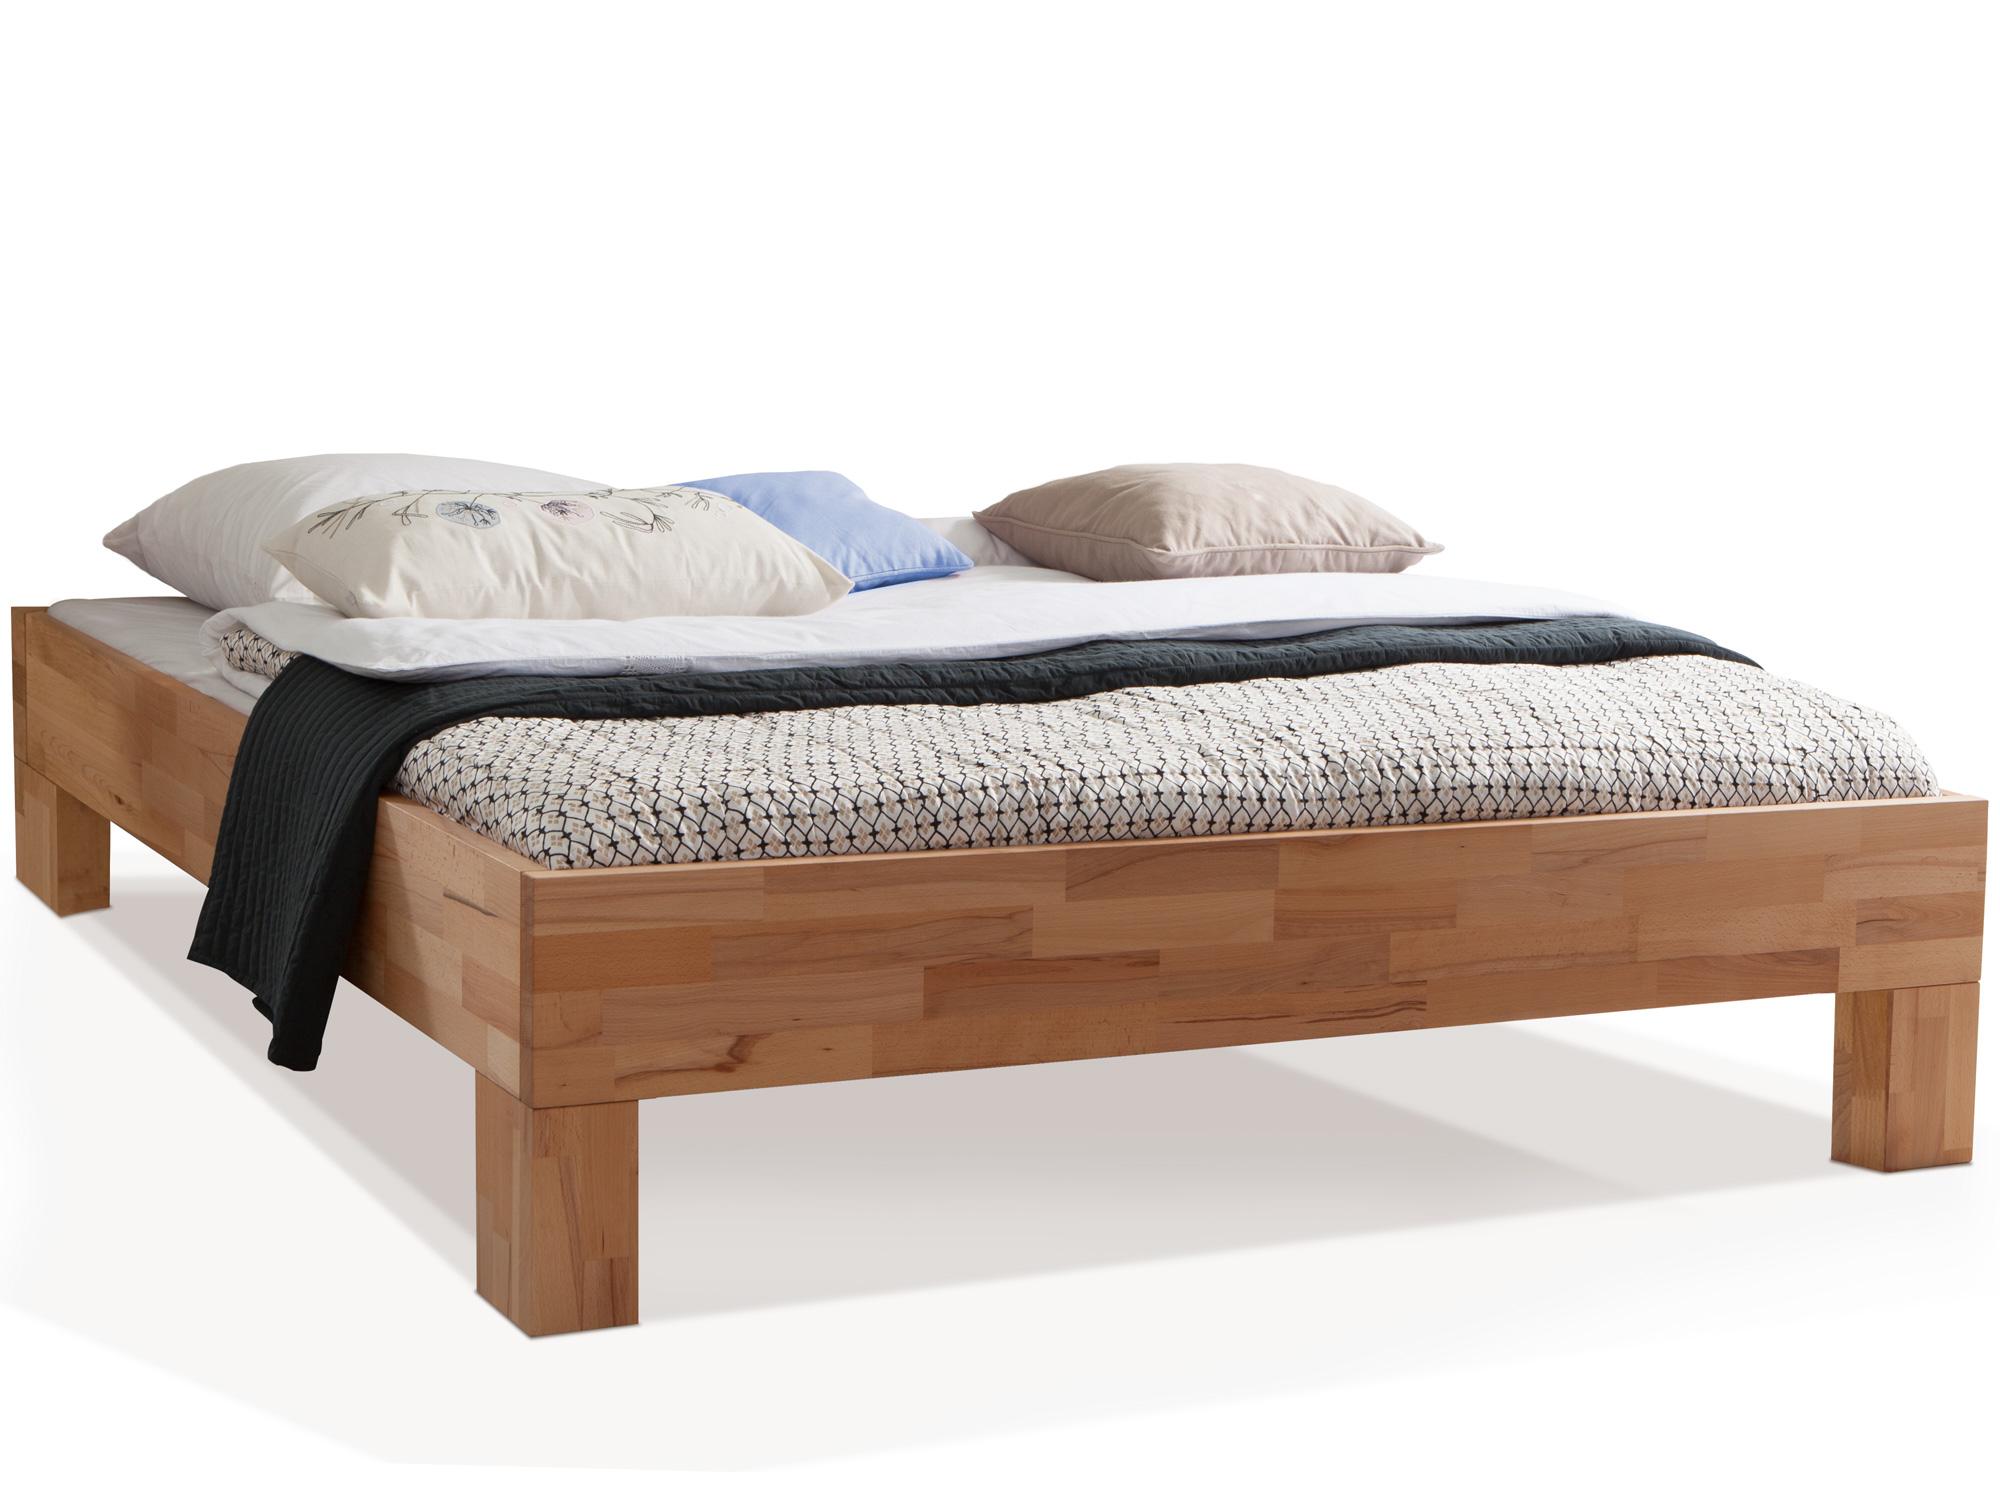 Full Size of Lwen Woodline Doppelbett Massivholzbett 160 200 Buche Gelt Stauraum Bett Tojo V Bonprix Betten 1 40x2 00 120x200 Mit Rückenlehne 90x200 Matratze Und Wohnzimmer Bett 120x200 Ohne Kopfteil